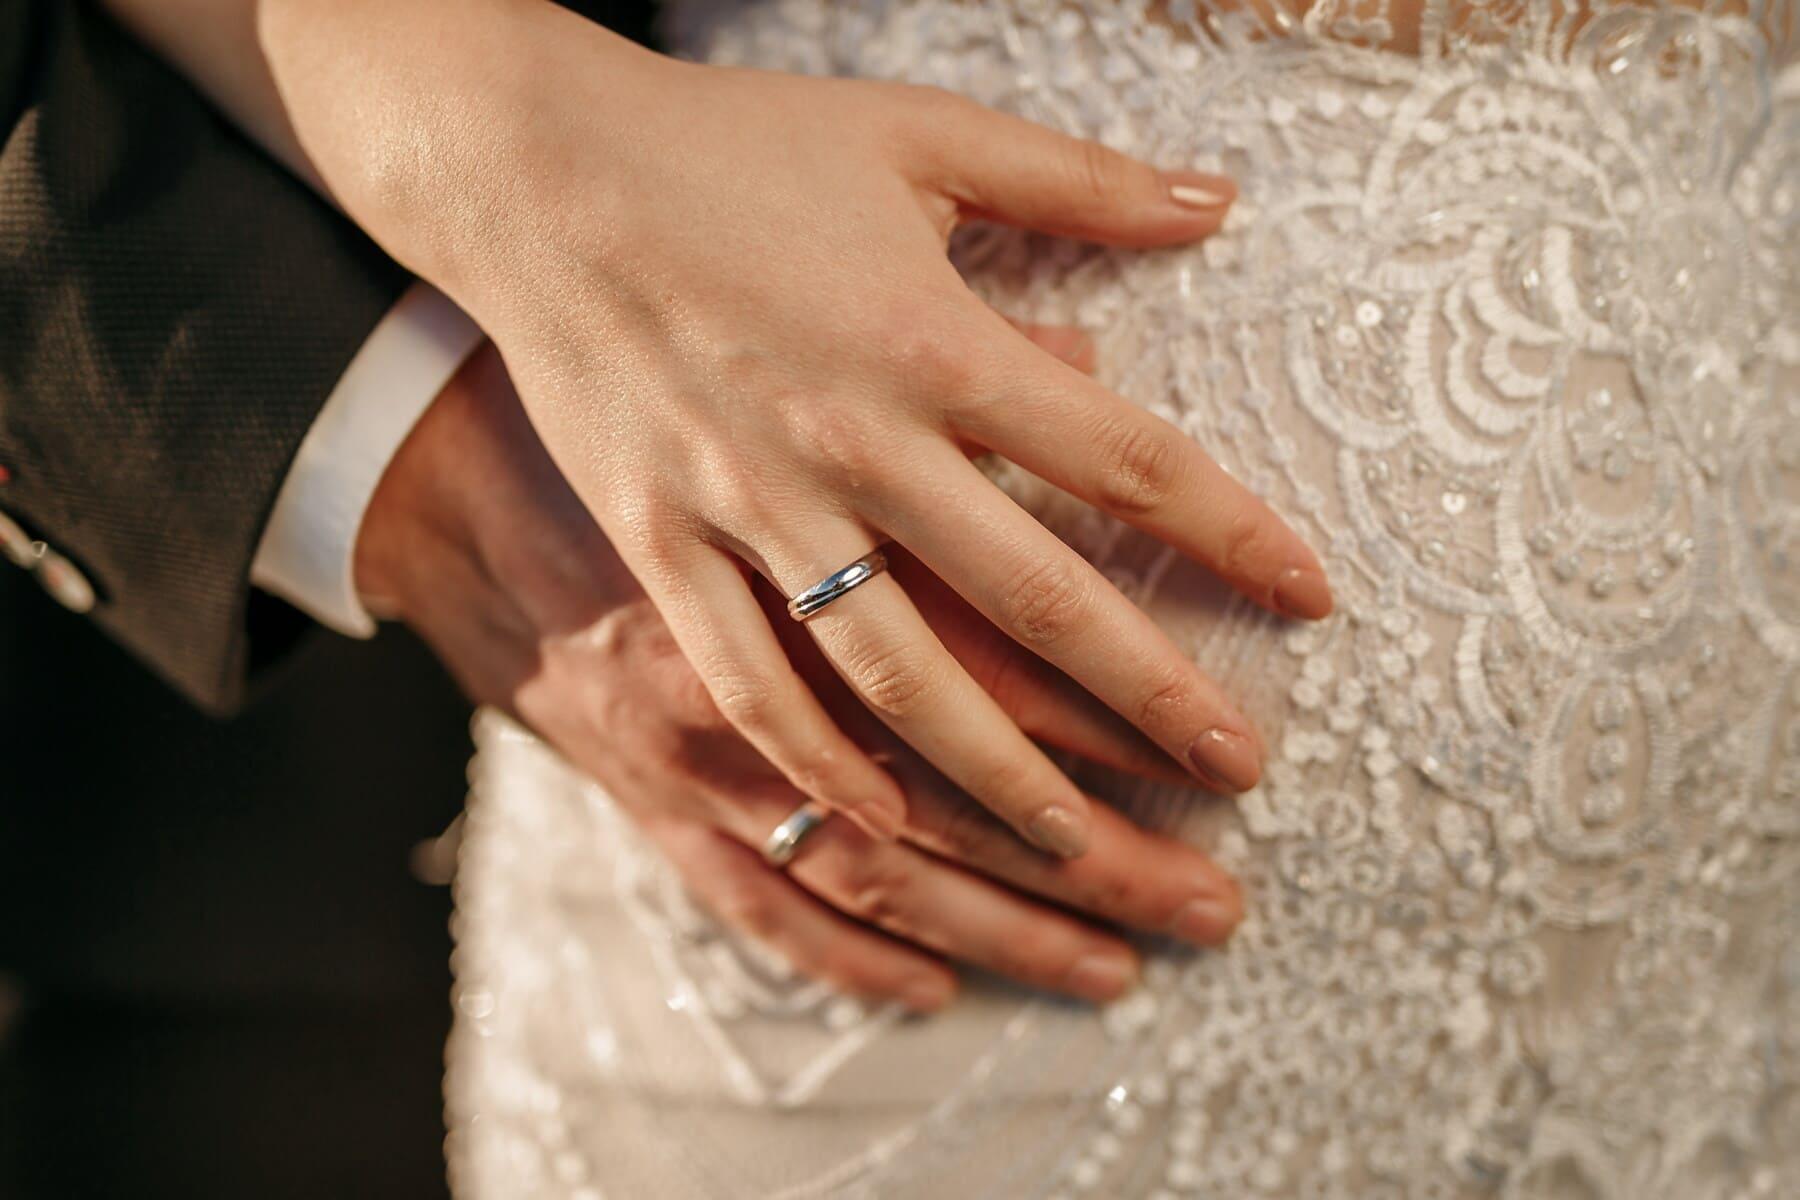 bague de mariage, bijoux, main dans la main, anneaux, mains, doigt, main, mariage, corps, peau